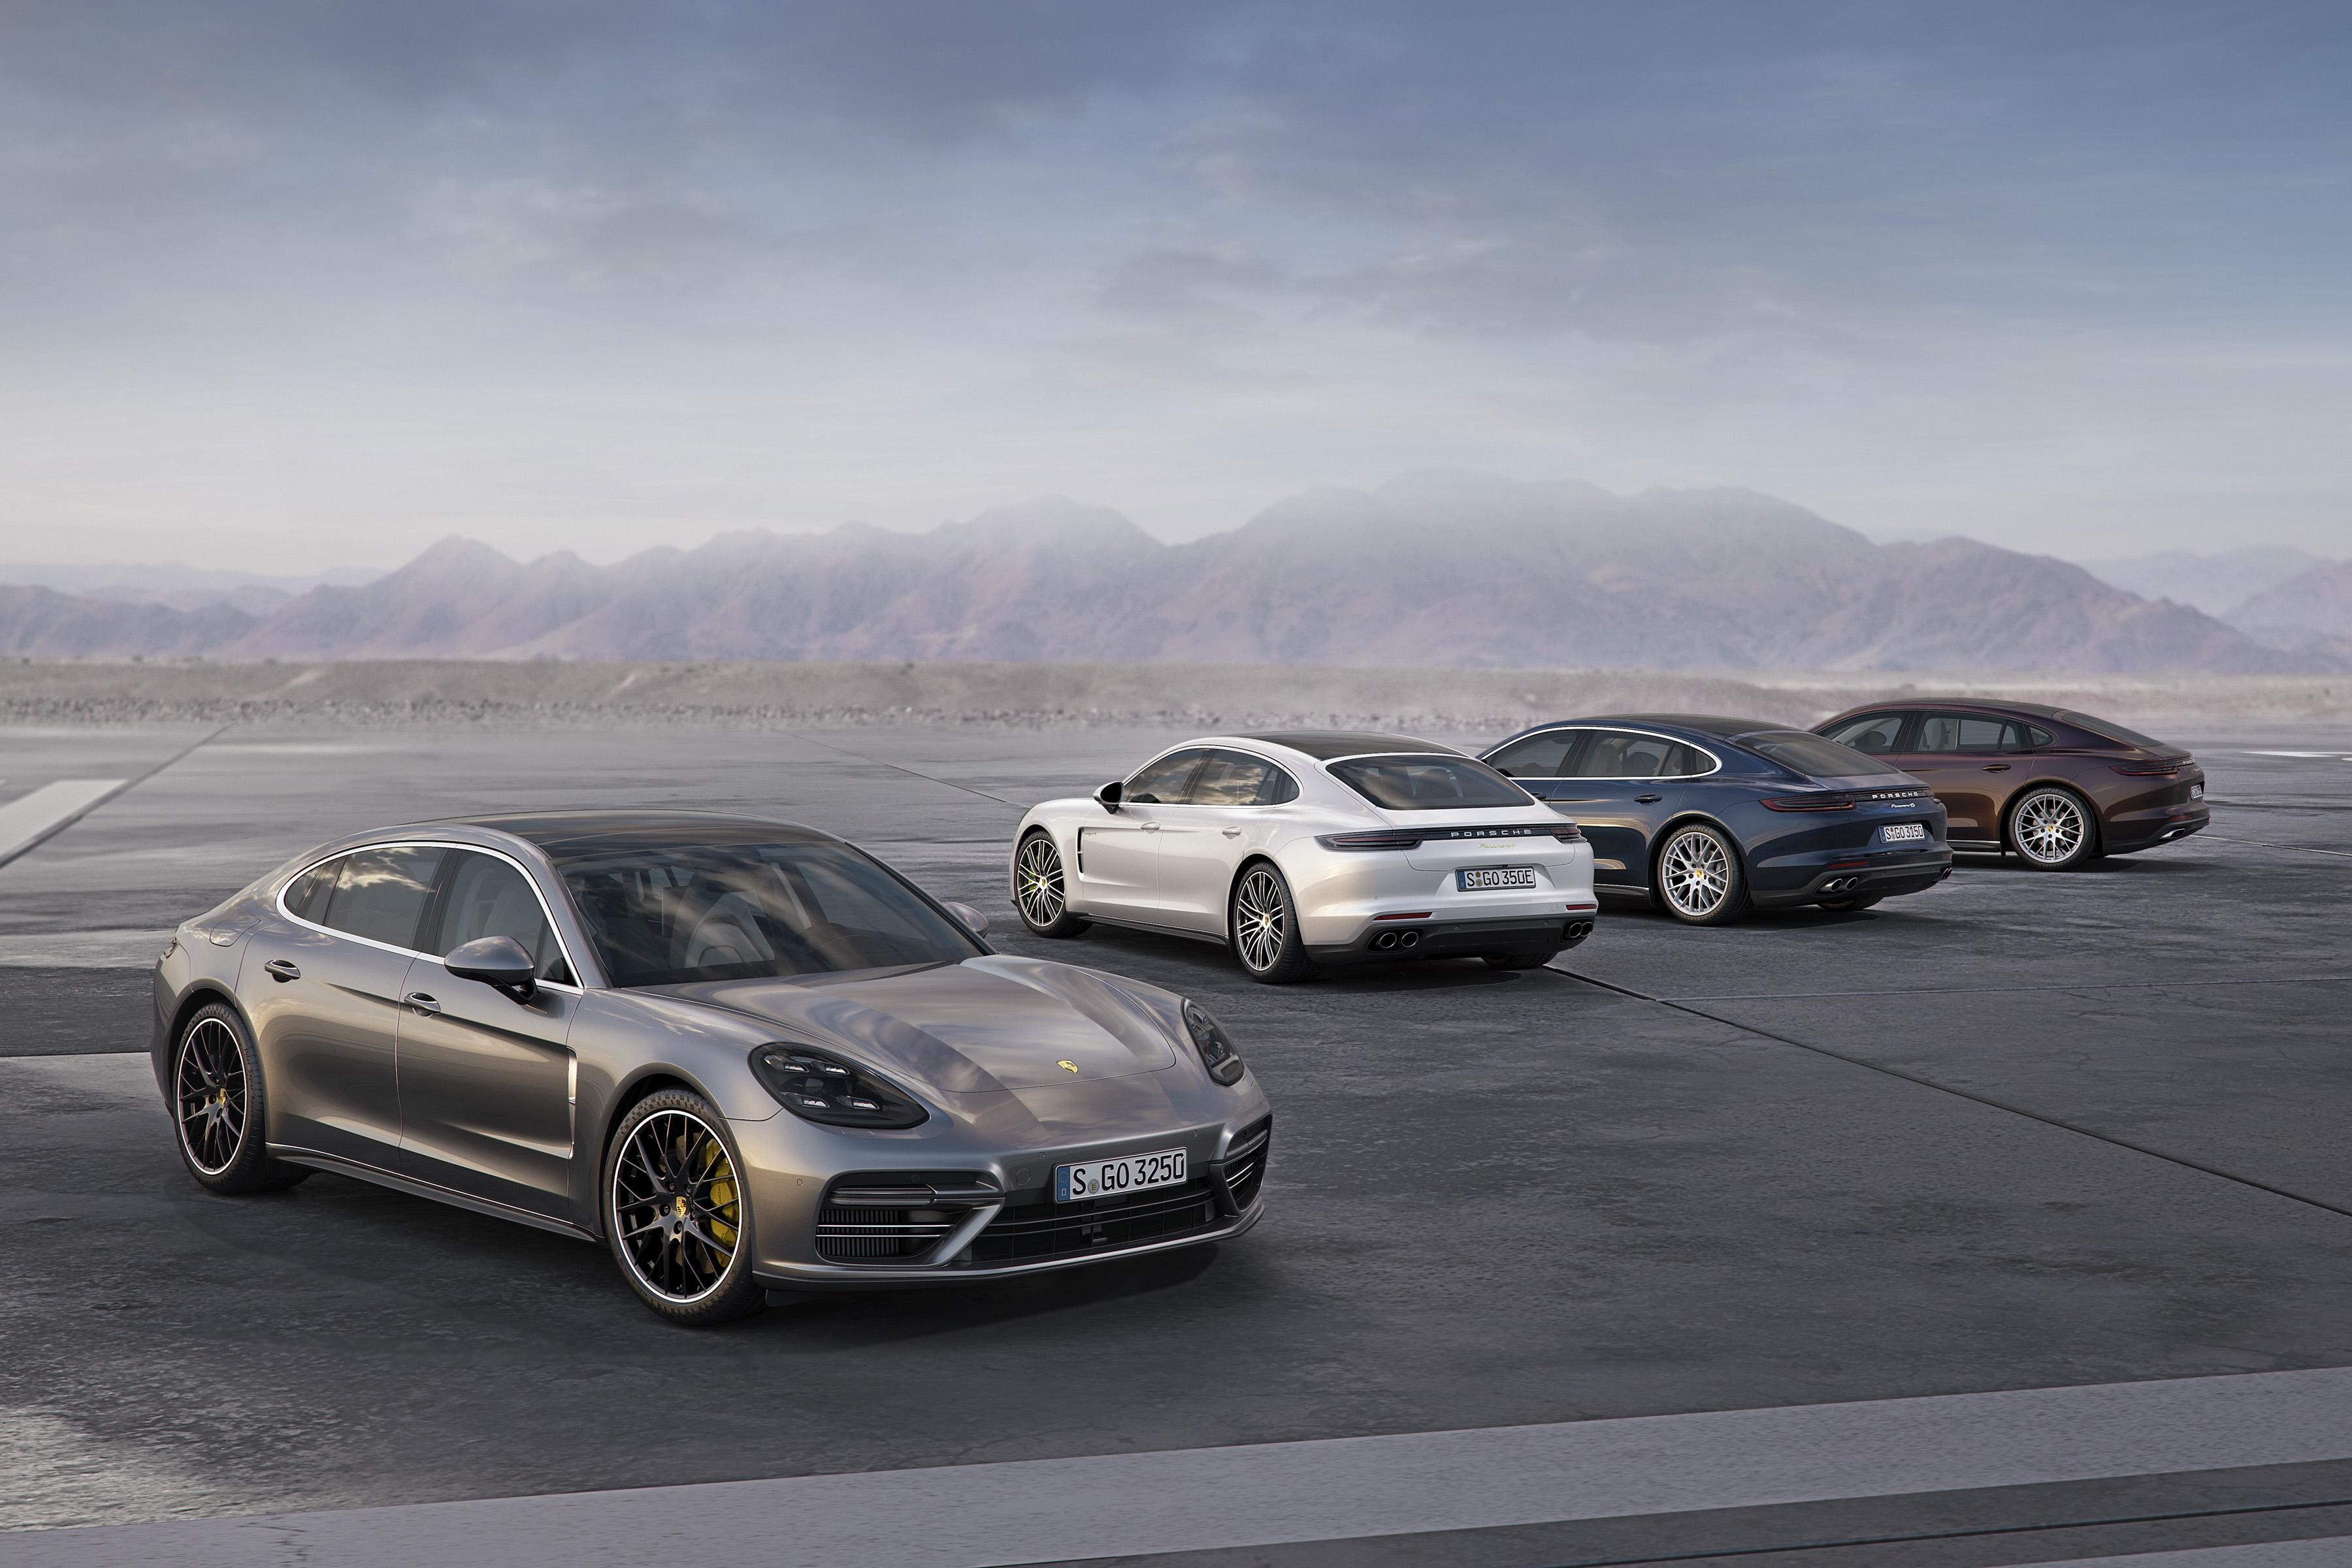 Porsche Adds New Variants to Panamera Range